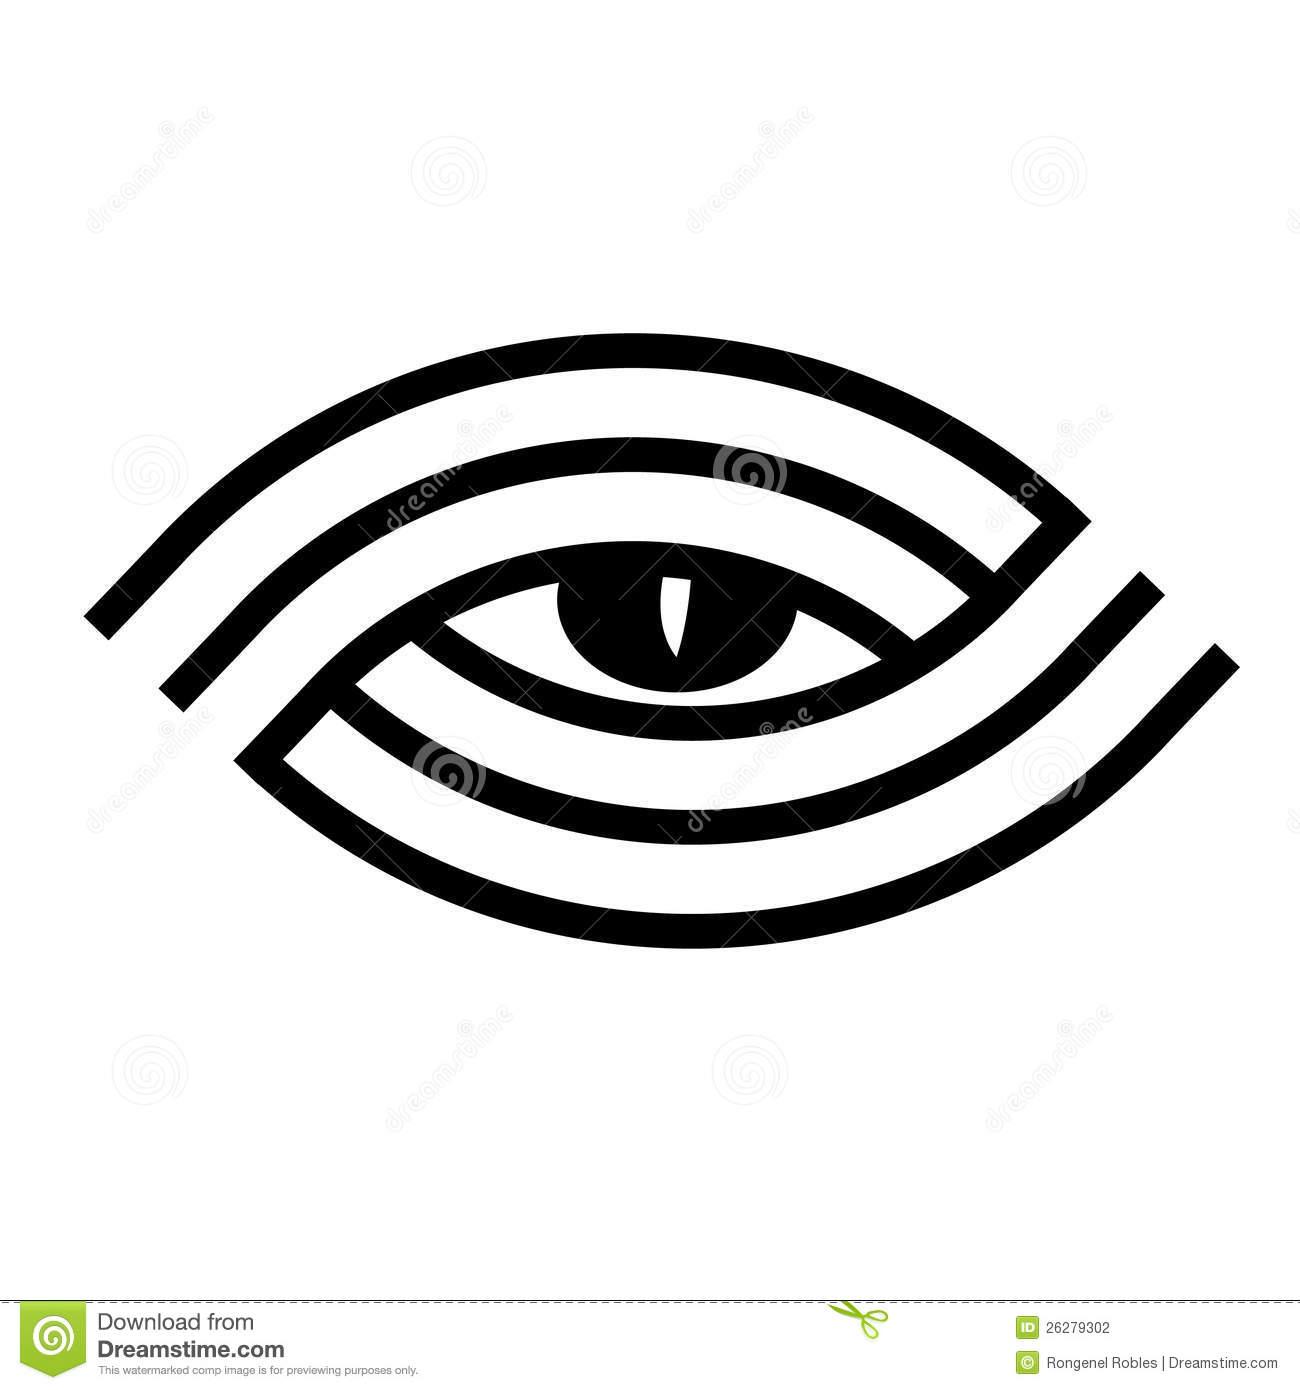 eye-logo-26279302.jpg